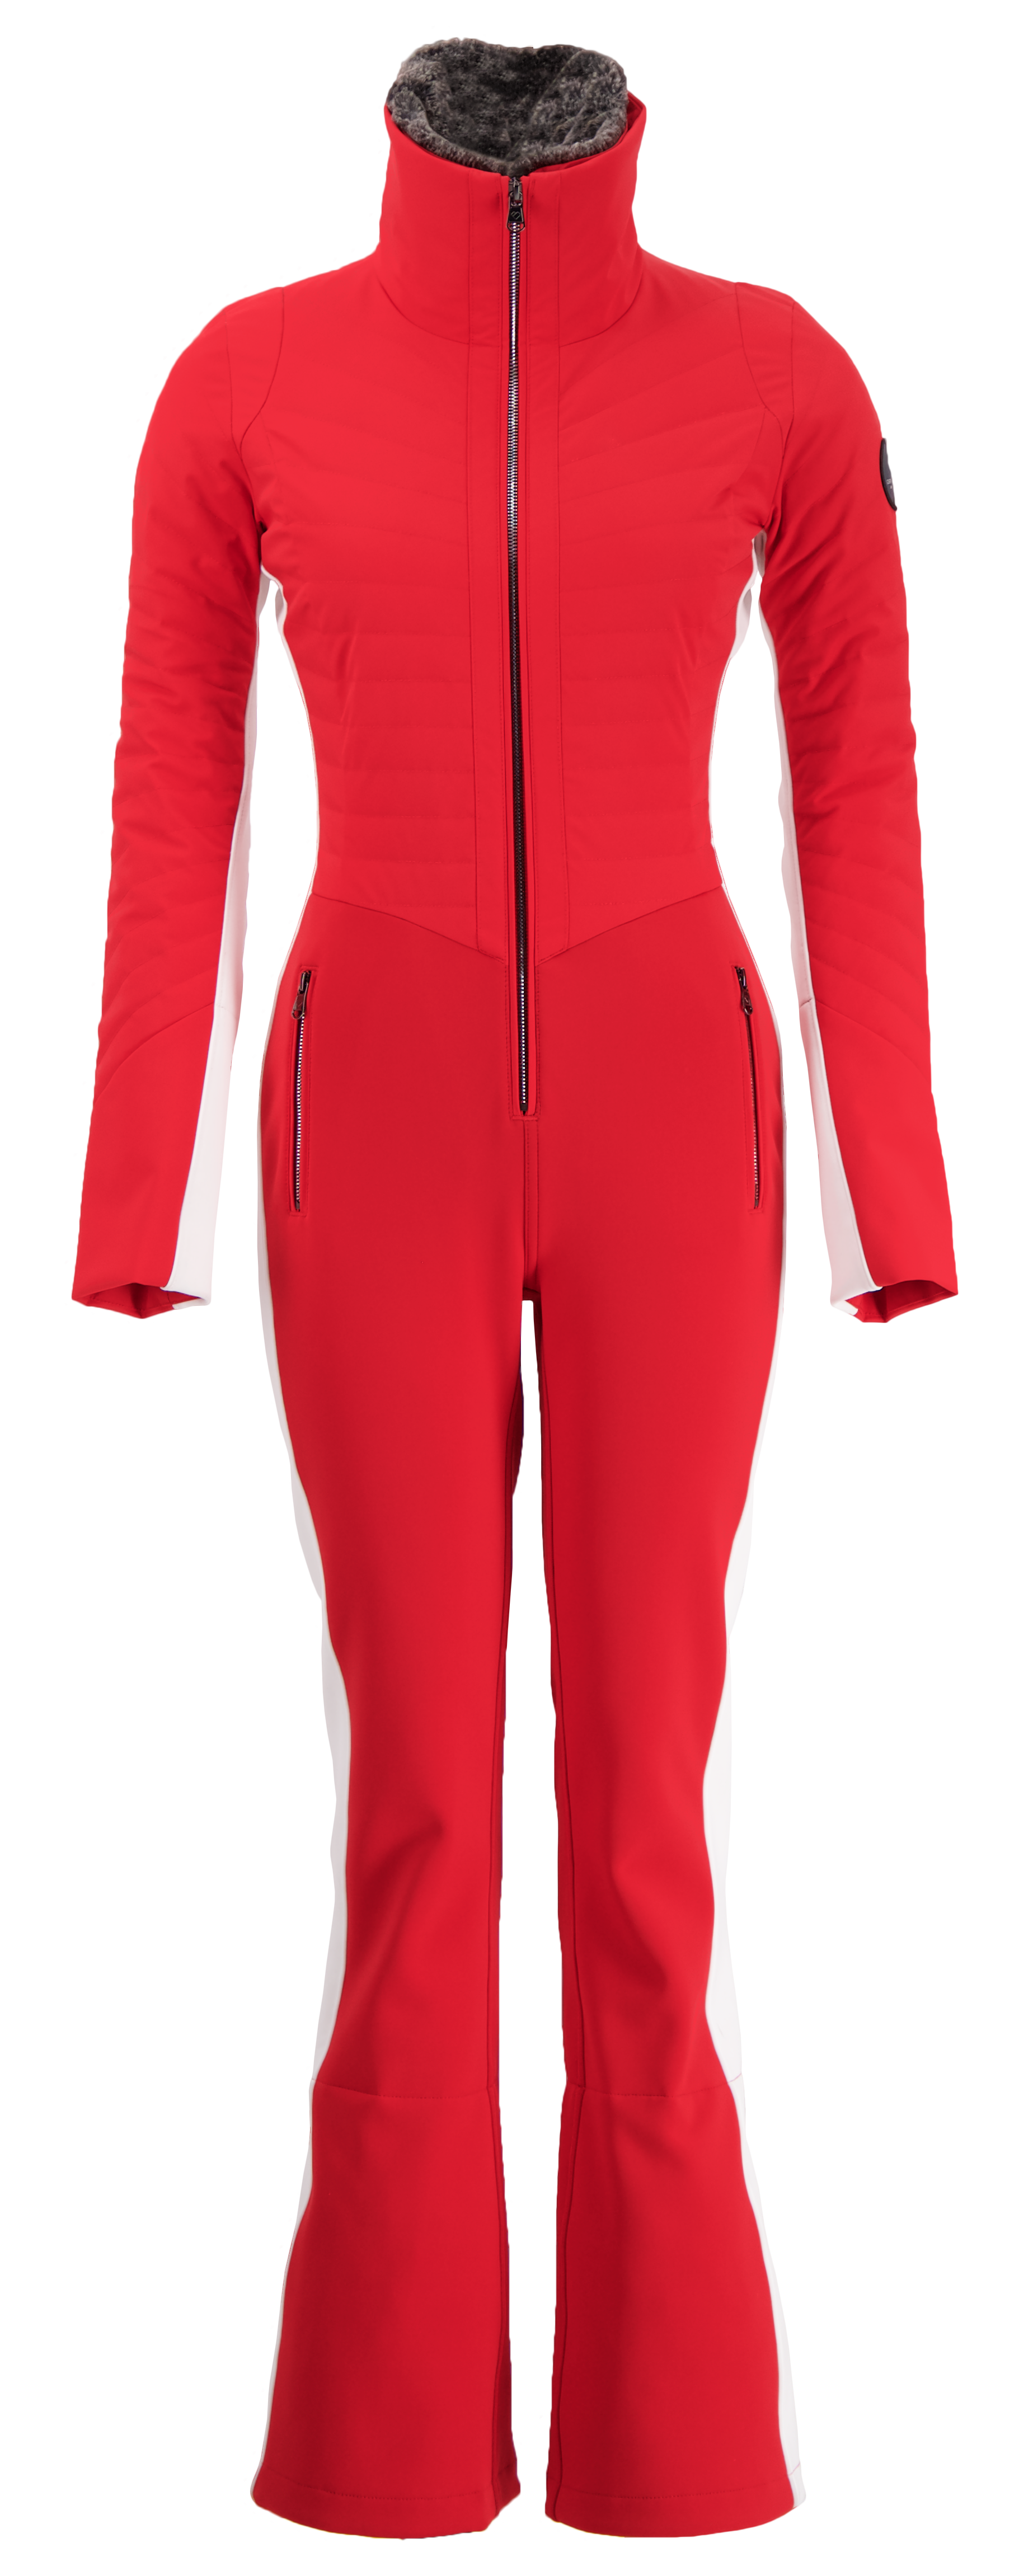 Ski Gear Guide Teaser 03-04